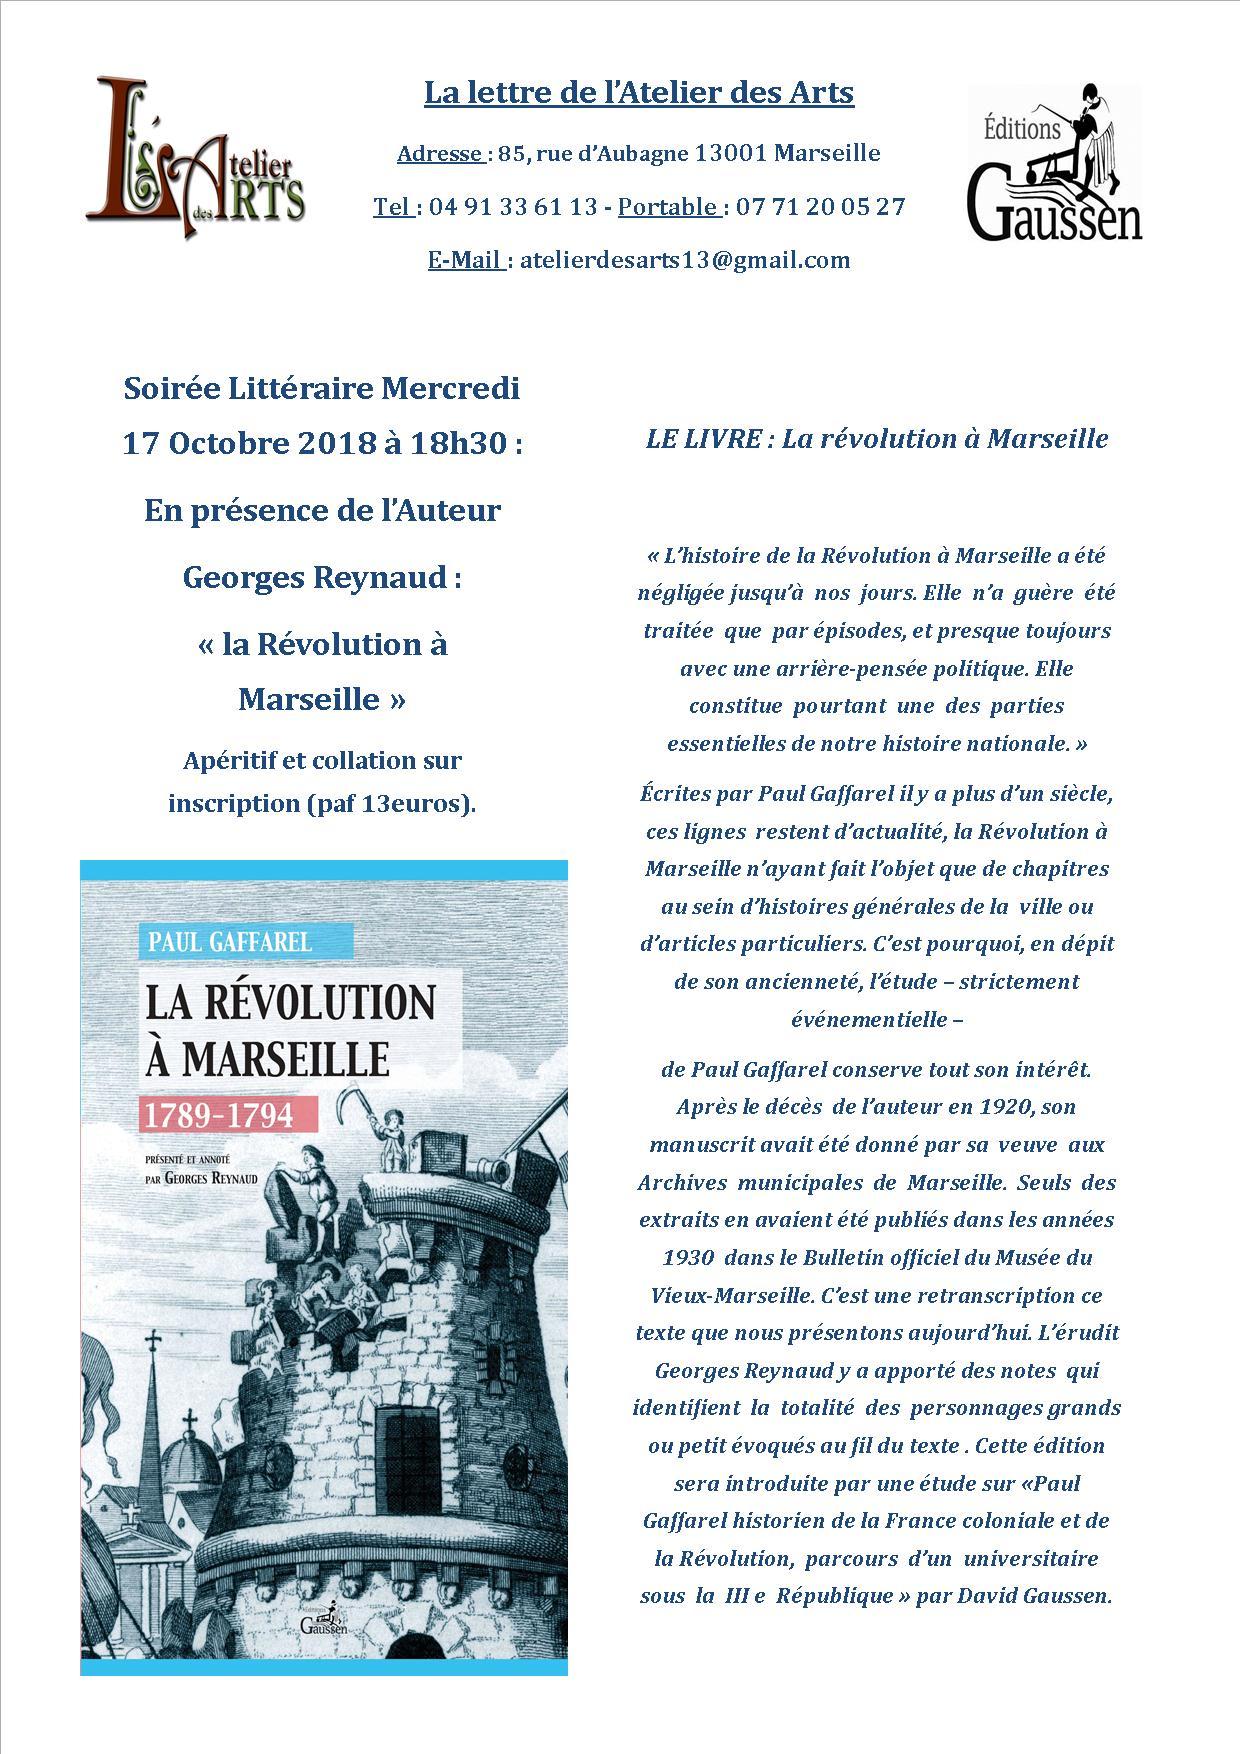 La Révolution de 1789 à Marseille en débat à l'Atelier des Arts le 17 octobre